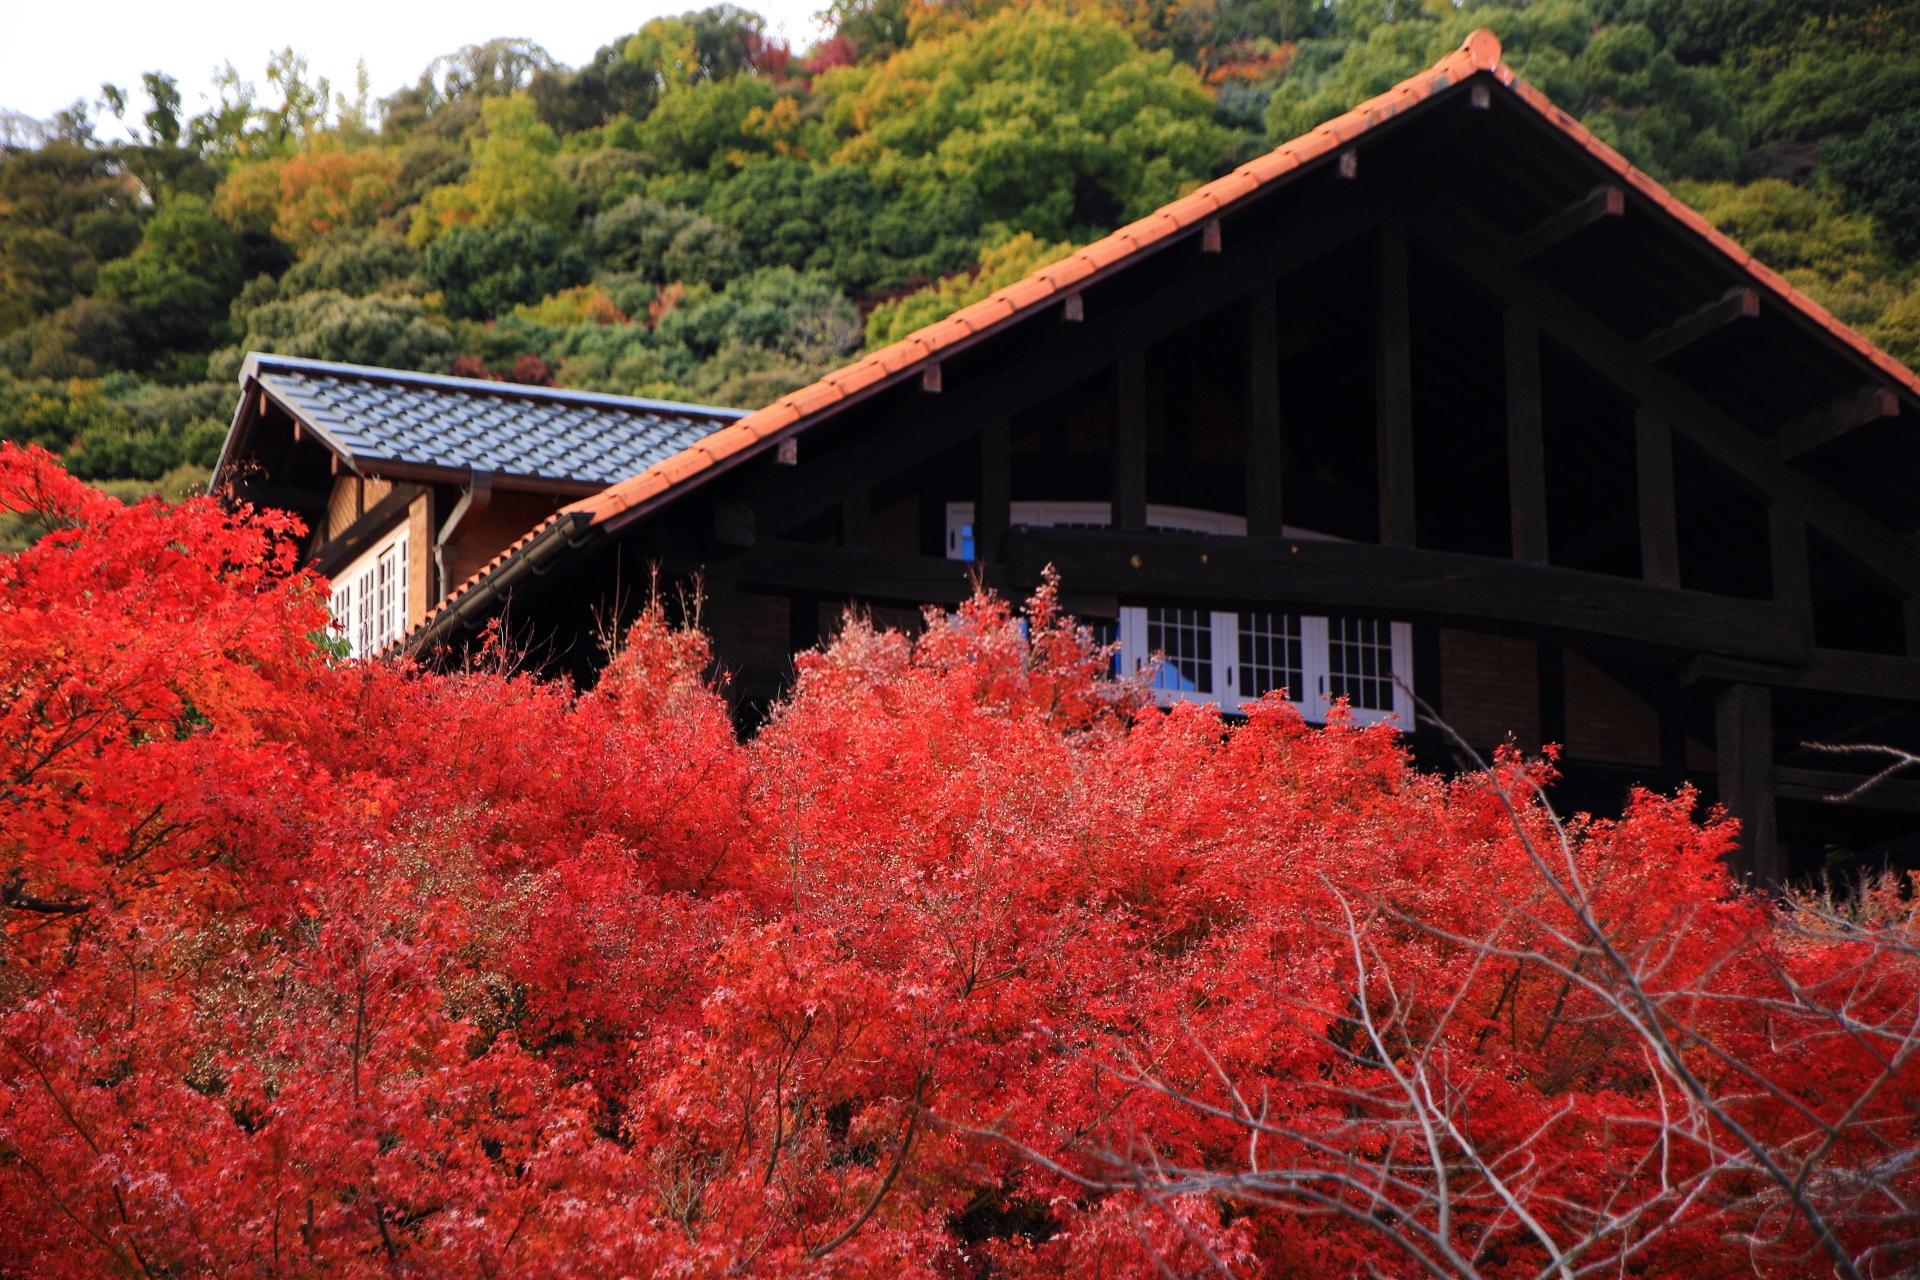 鮮やかな秋色につつまれる芸術的な近代建築の建物